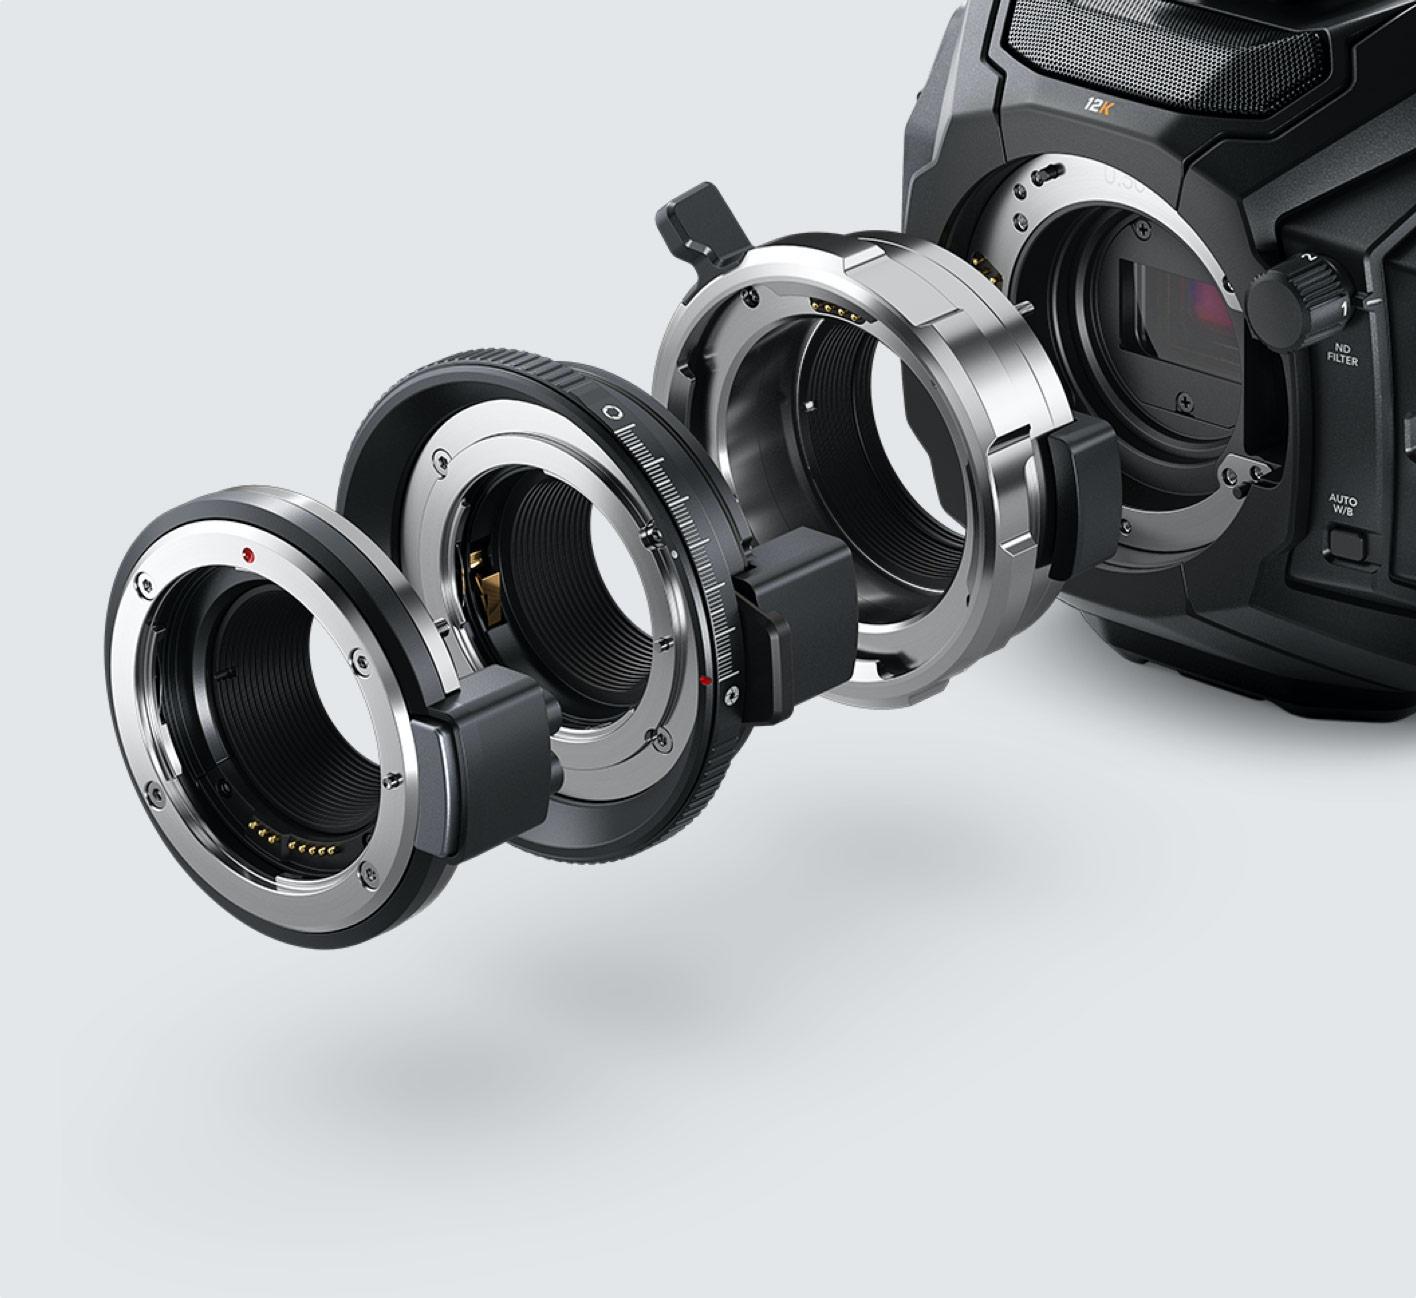 URSA Mini Pro 12K lens mounts